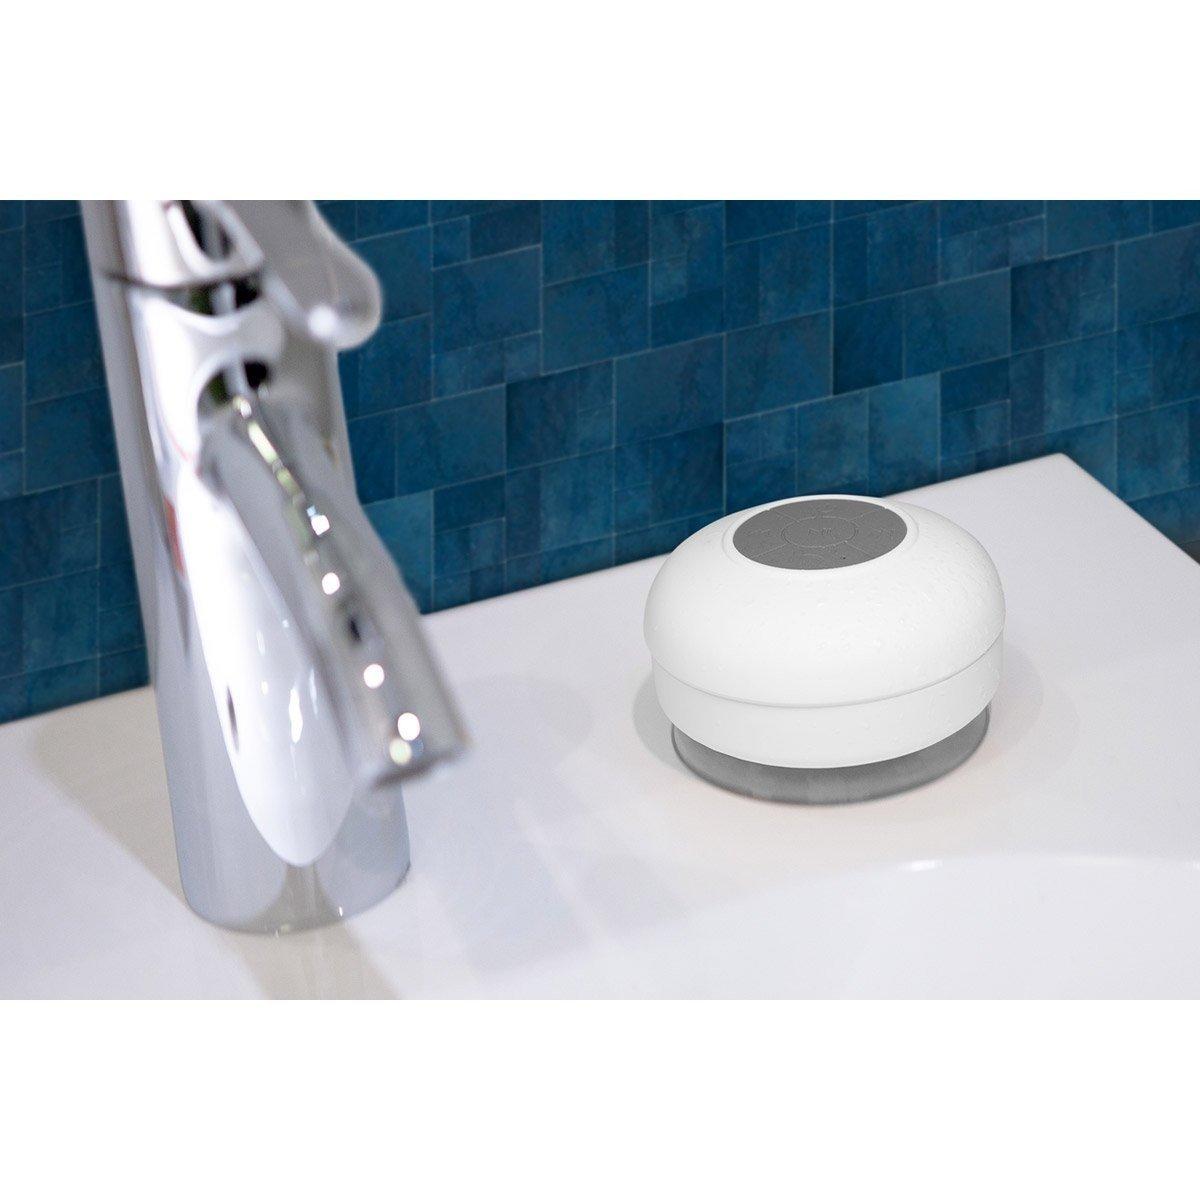 Waterdichte Bluetooth Badkamer Speaker Wit Mobilesupplies Nl